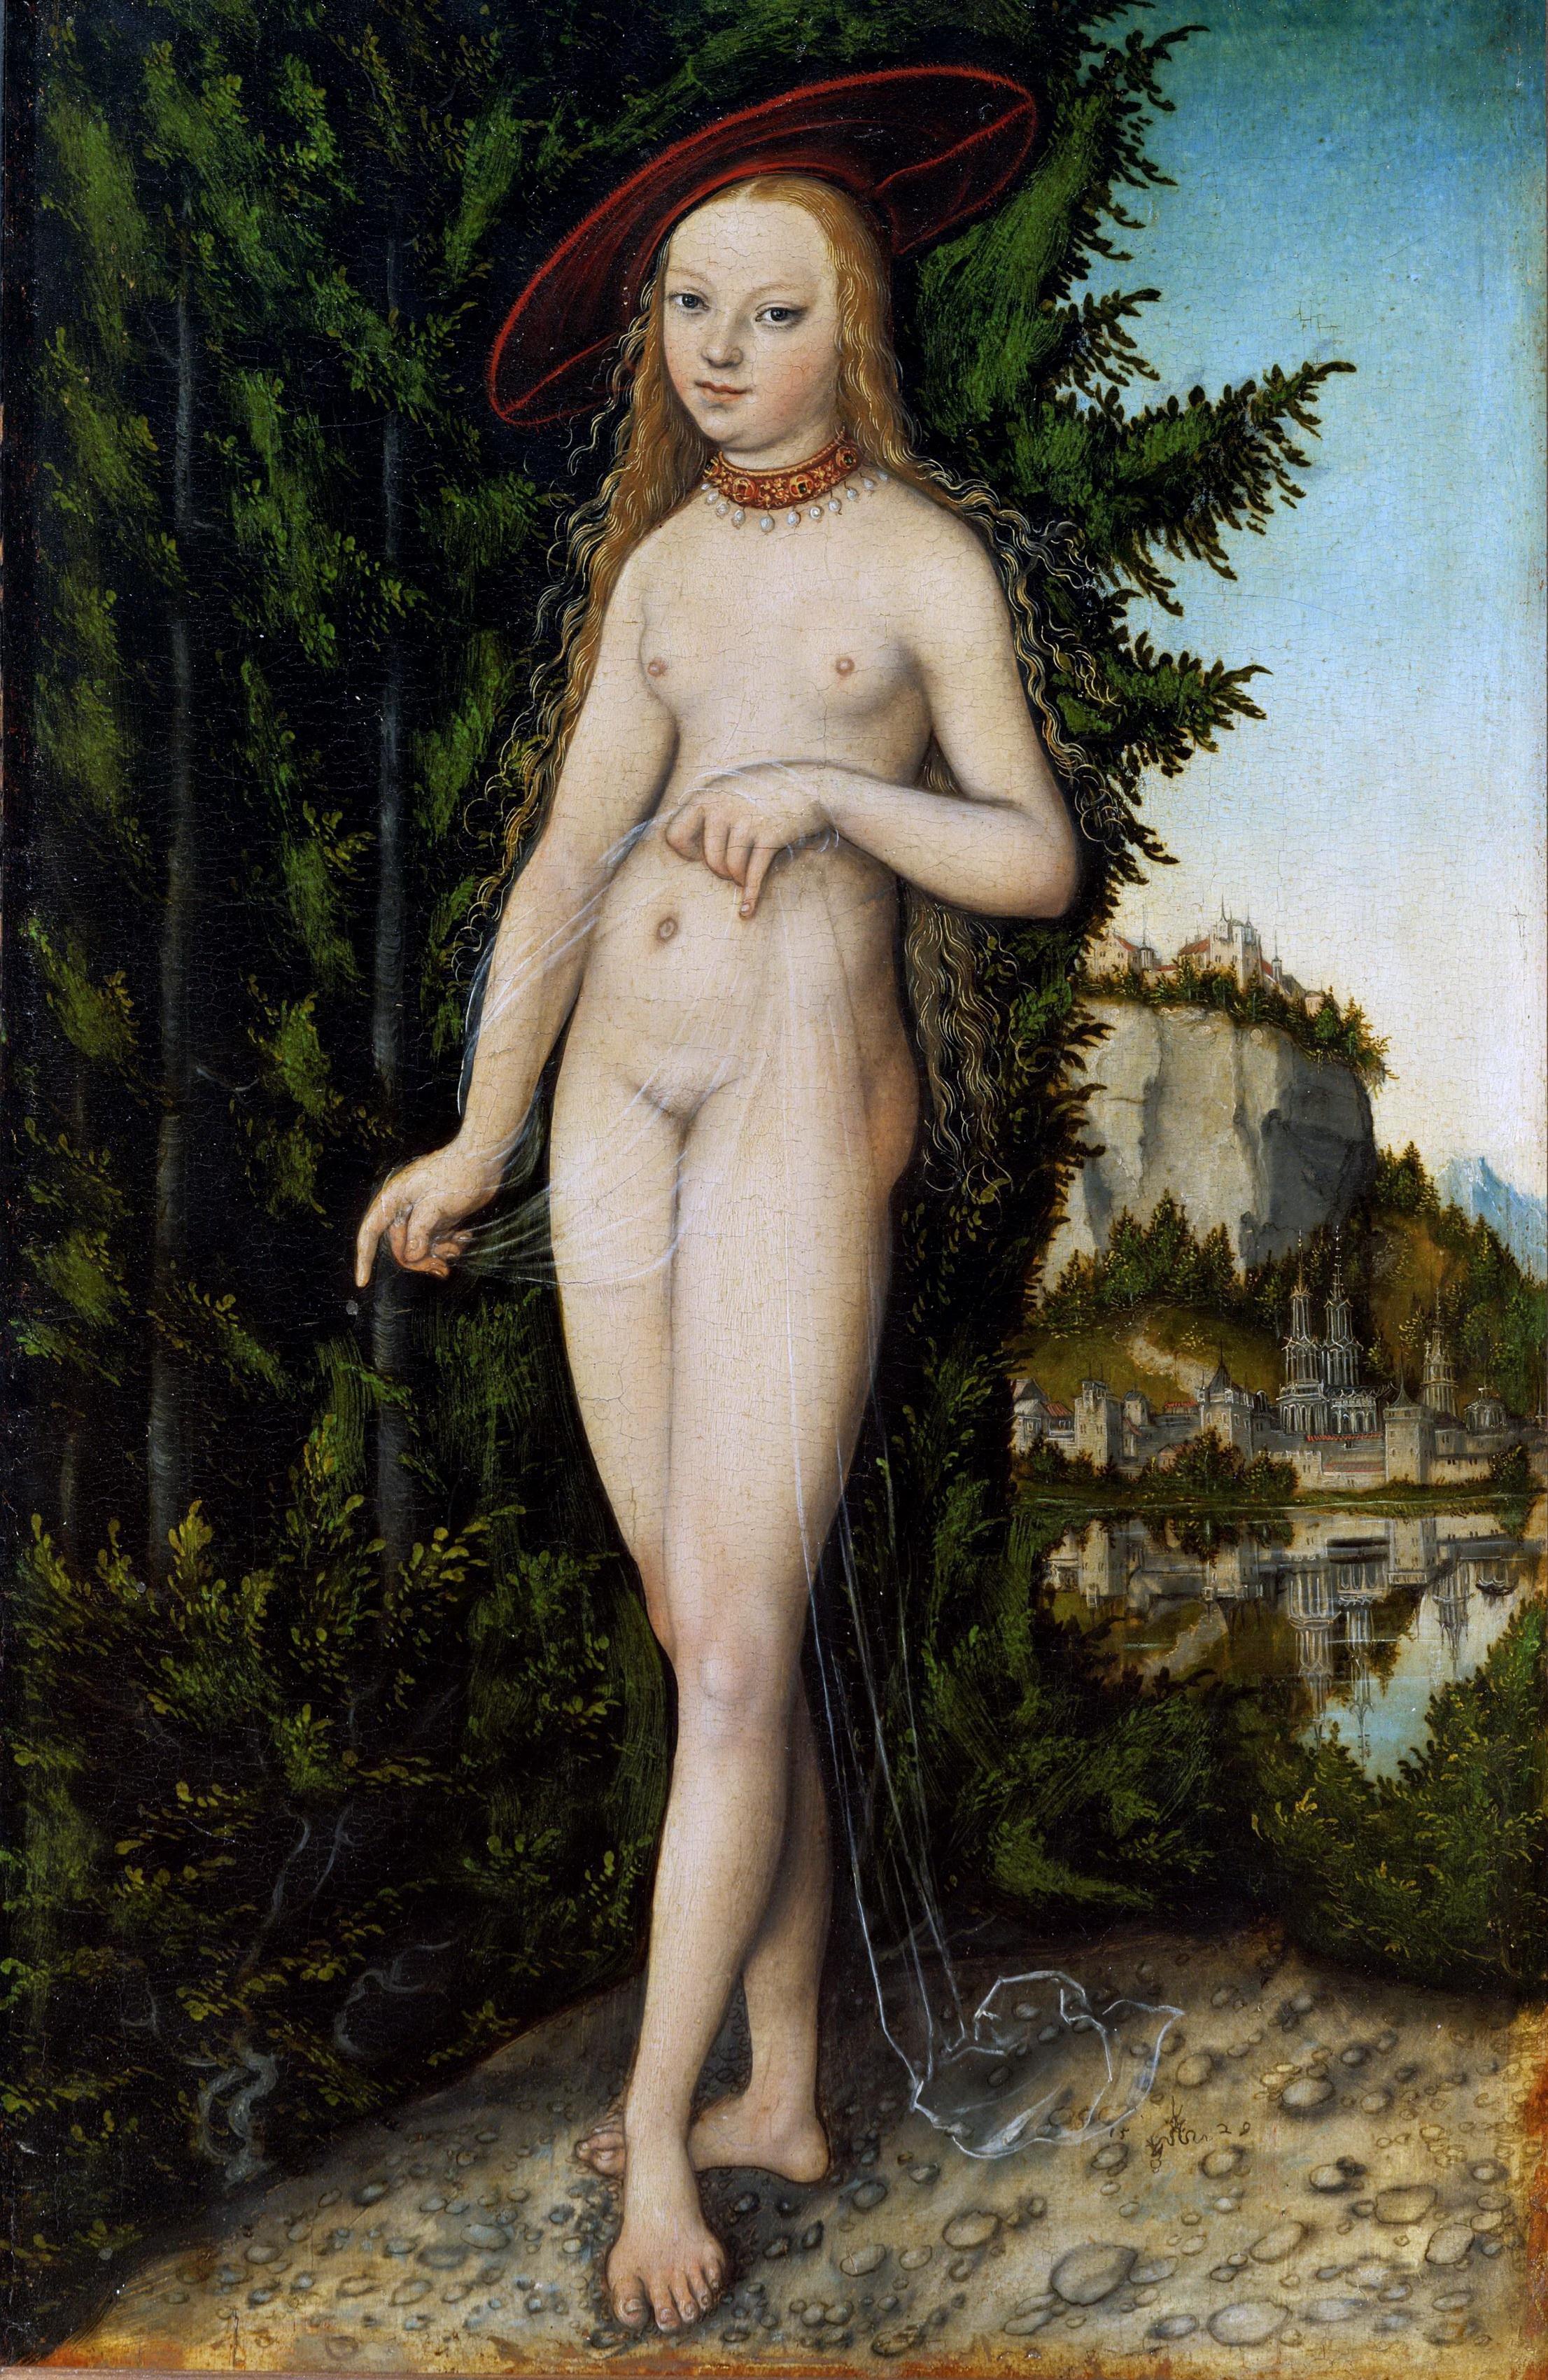 Lucas Cranach I, 1472-1553. Венера в пейзаже. 1529. Париж, Лувр